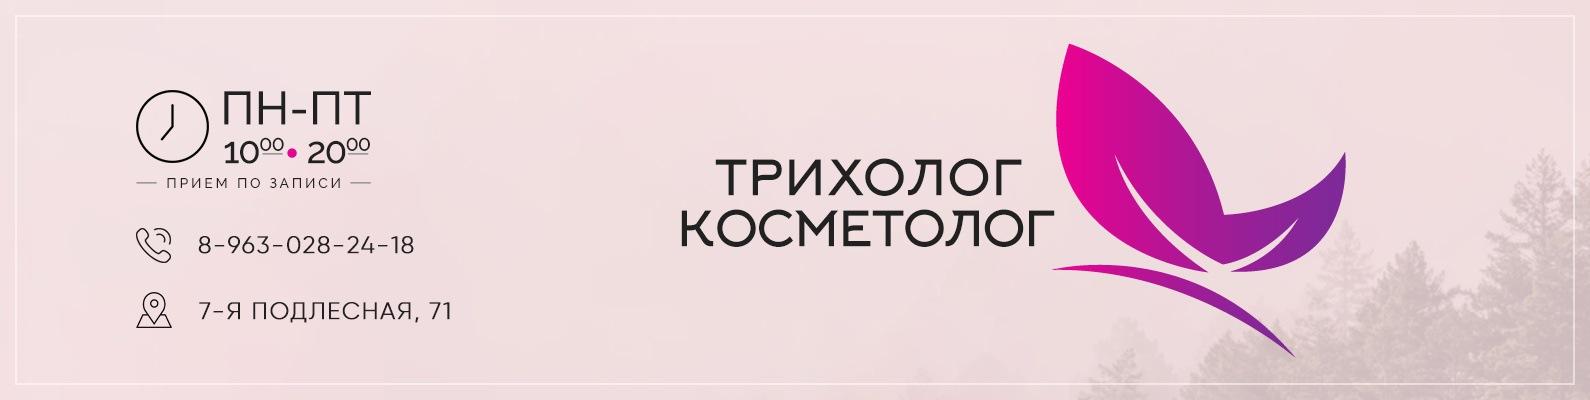 Врач косметолог трихолог